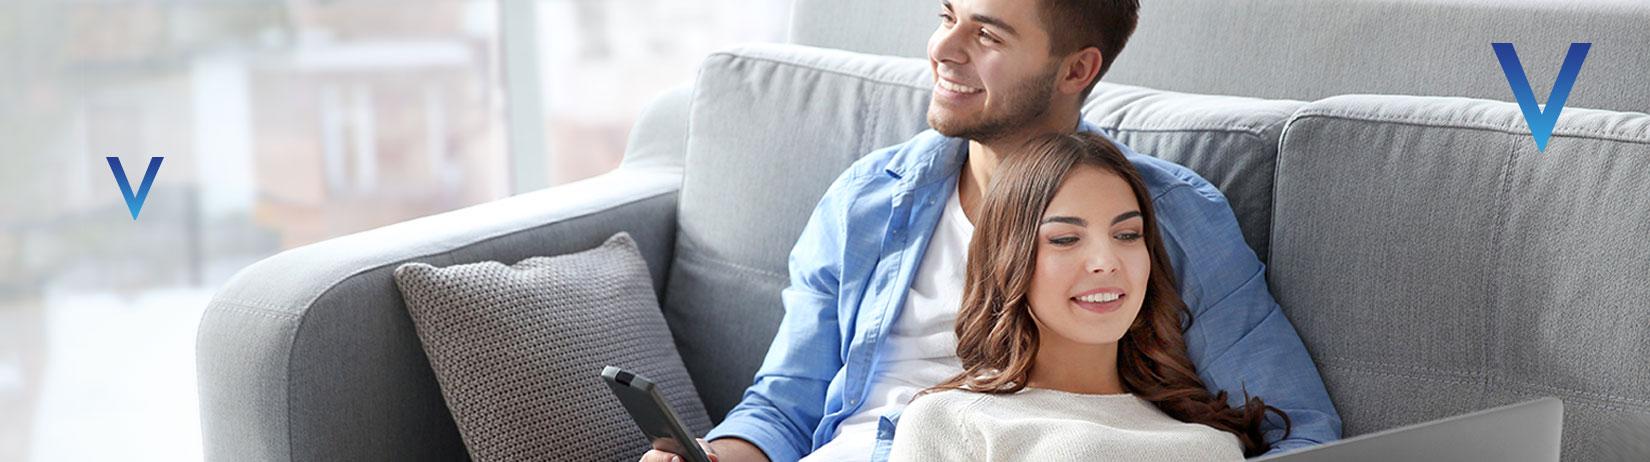 Fotomaker online dating